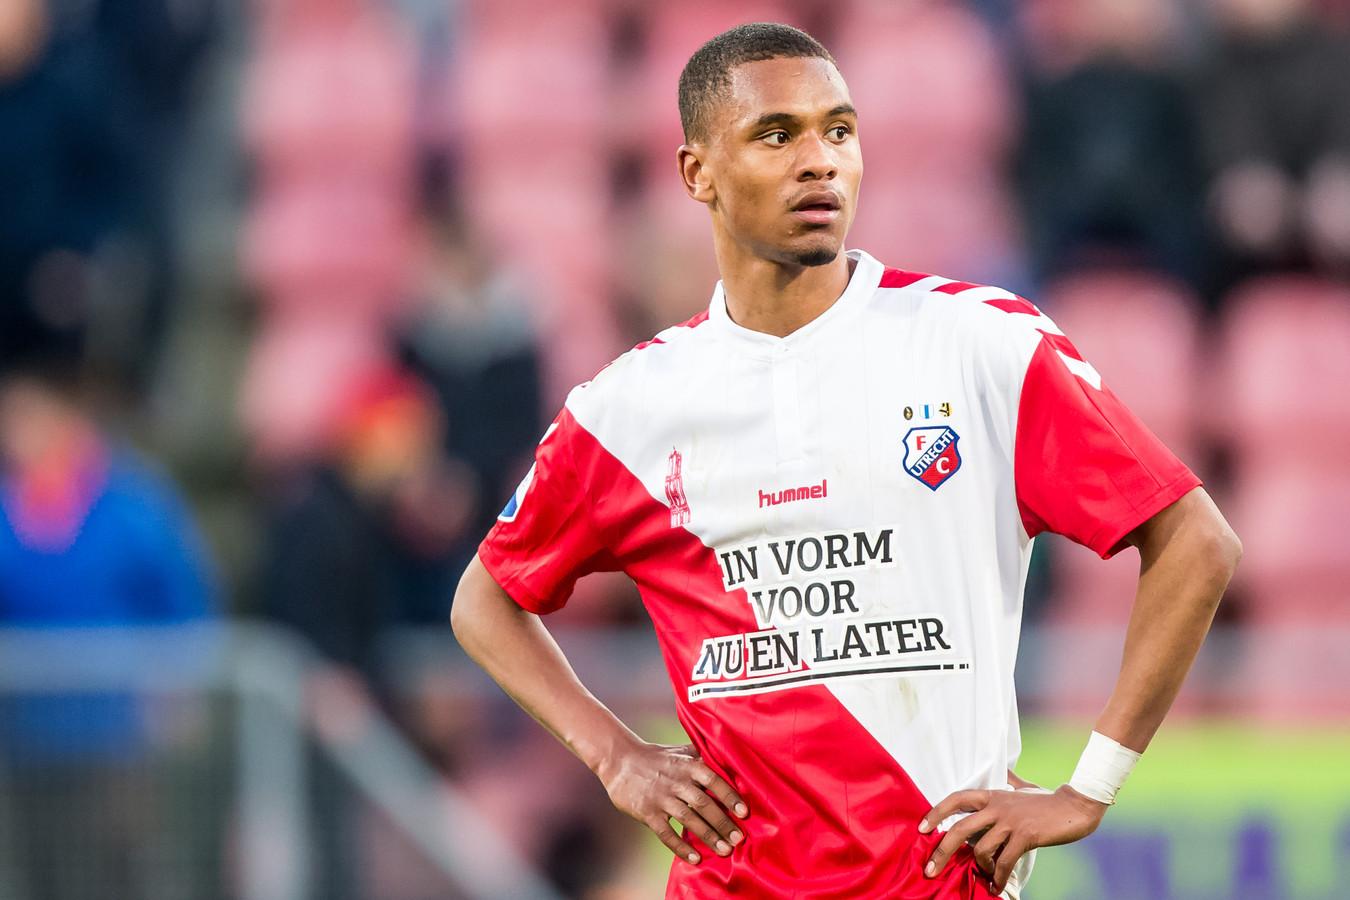 Patrick Joosten produceerde de openingstreffer voor Jong FC Utrecht in het thuisduel met Jong  Ajax.